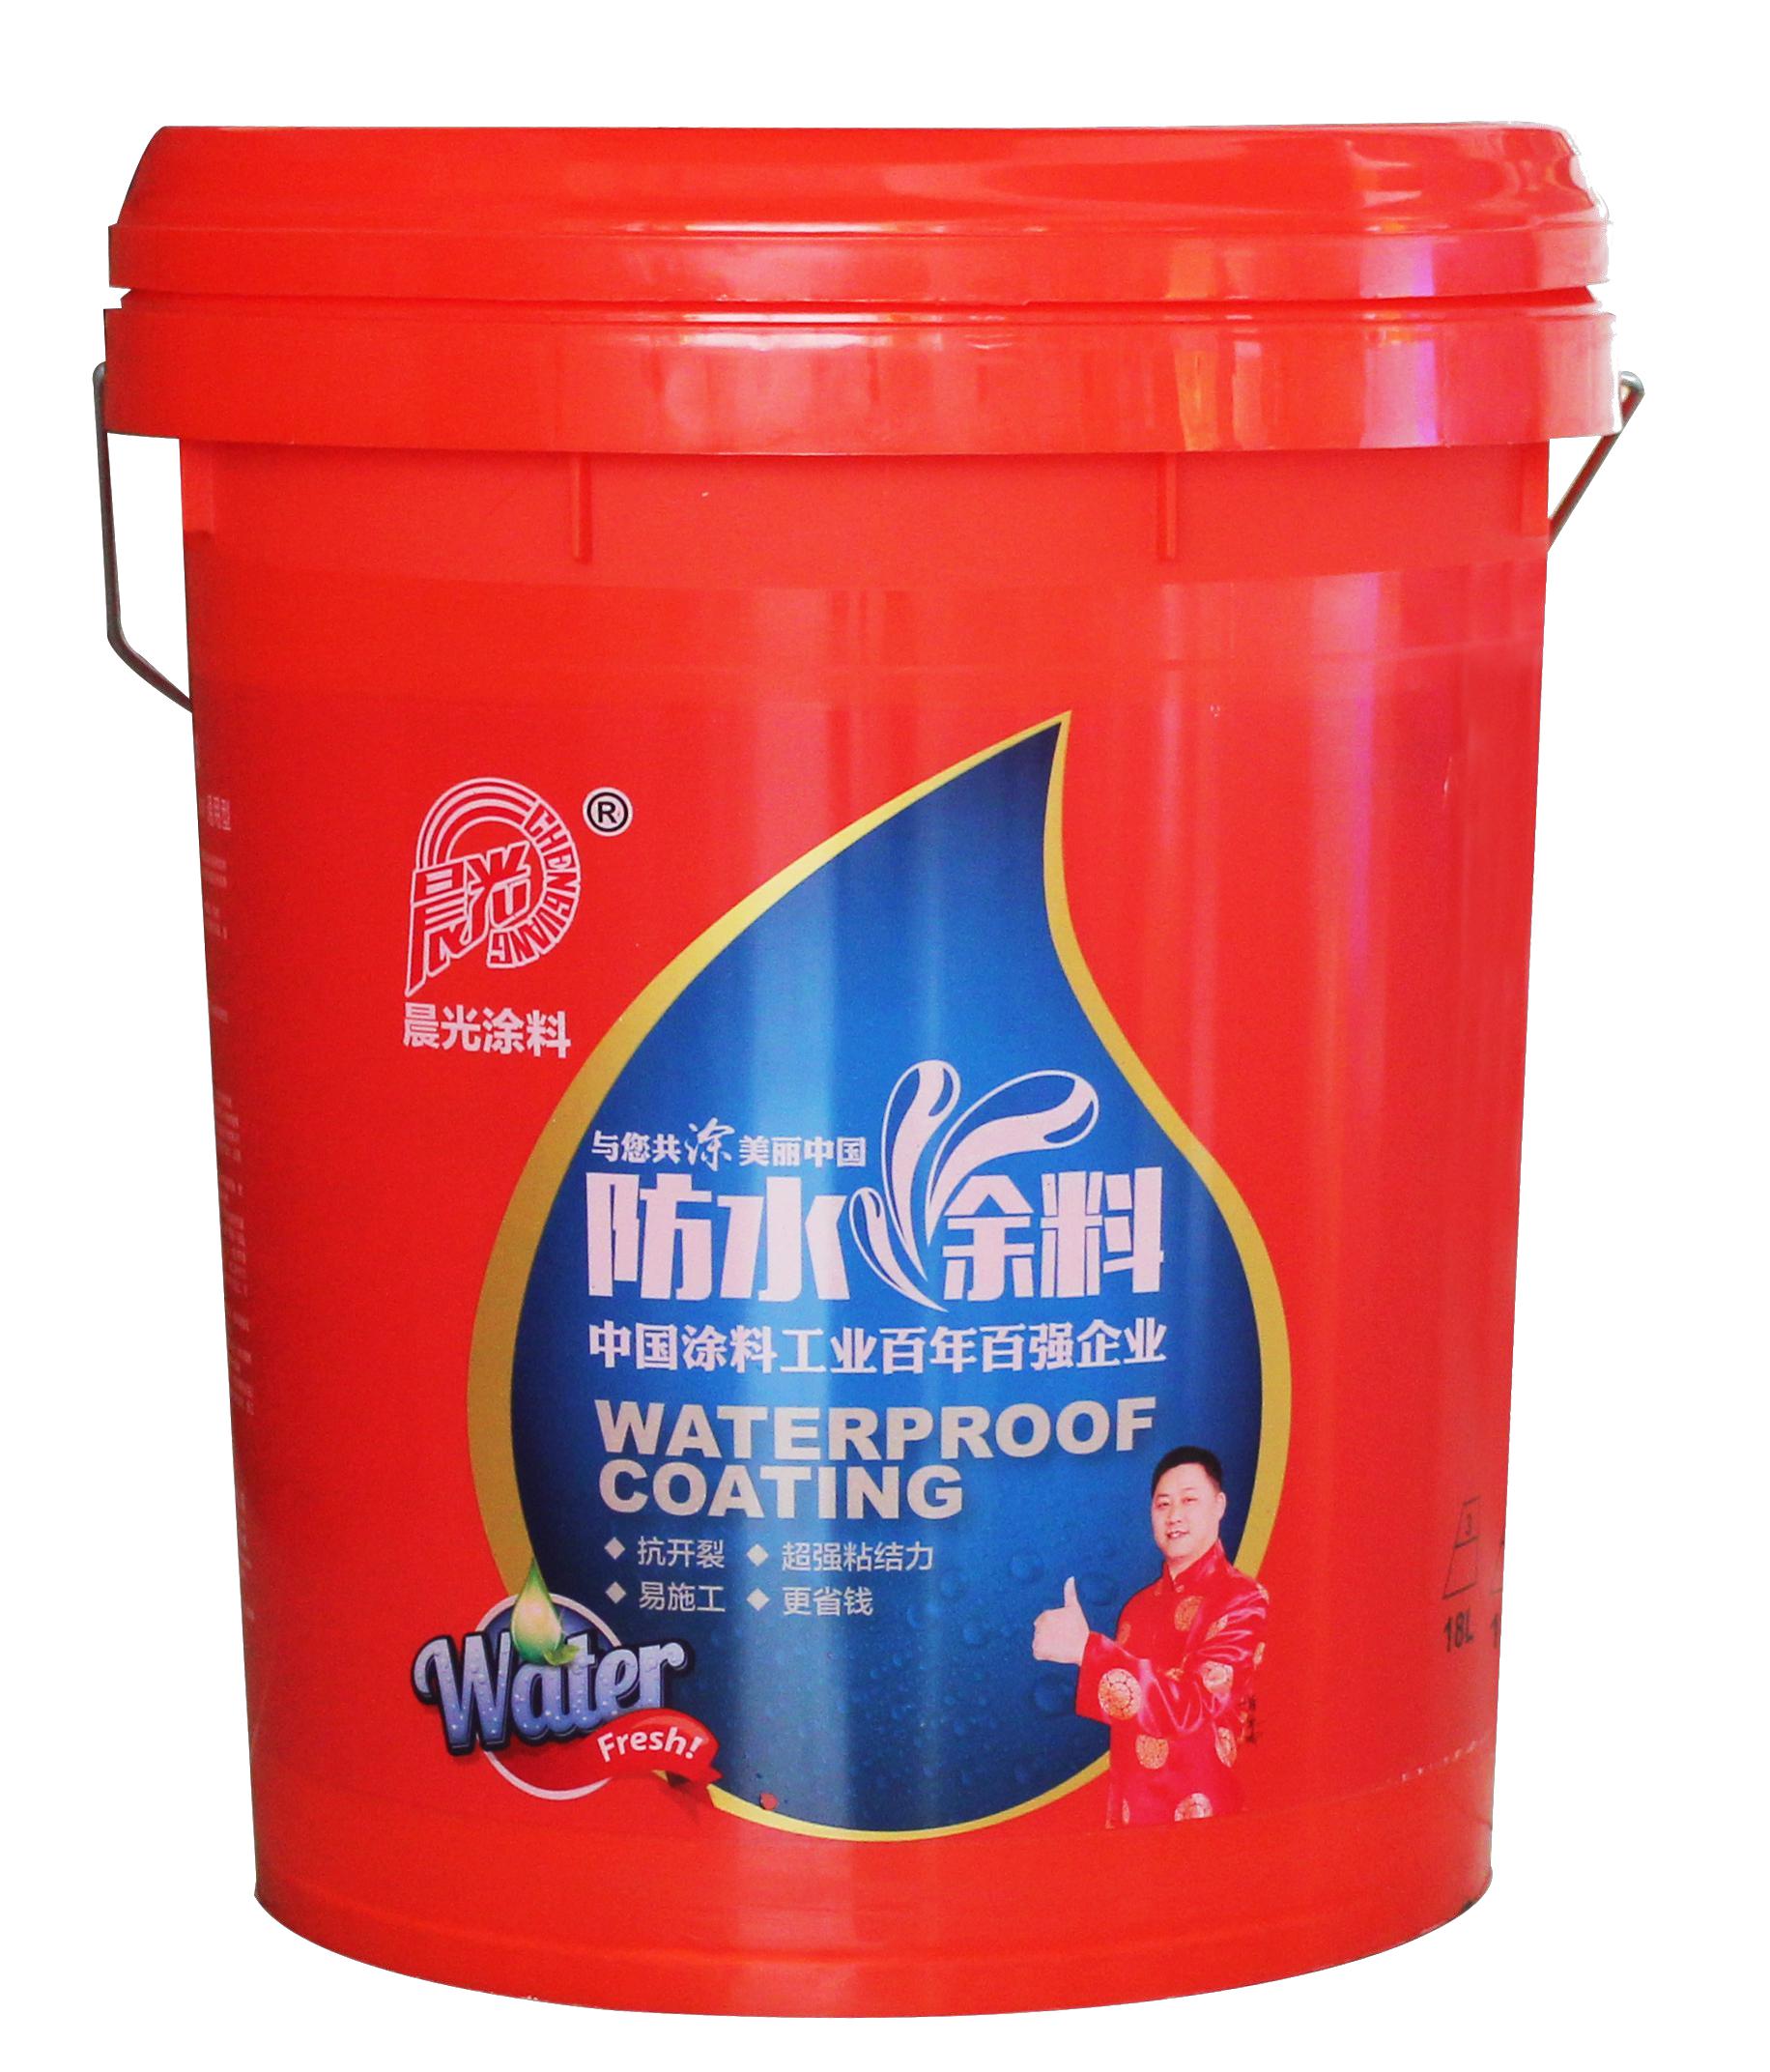 晨光200好涂宝通用型防水涂料CHG-FS200 蓝色图片